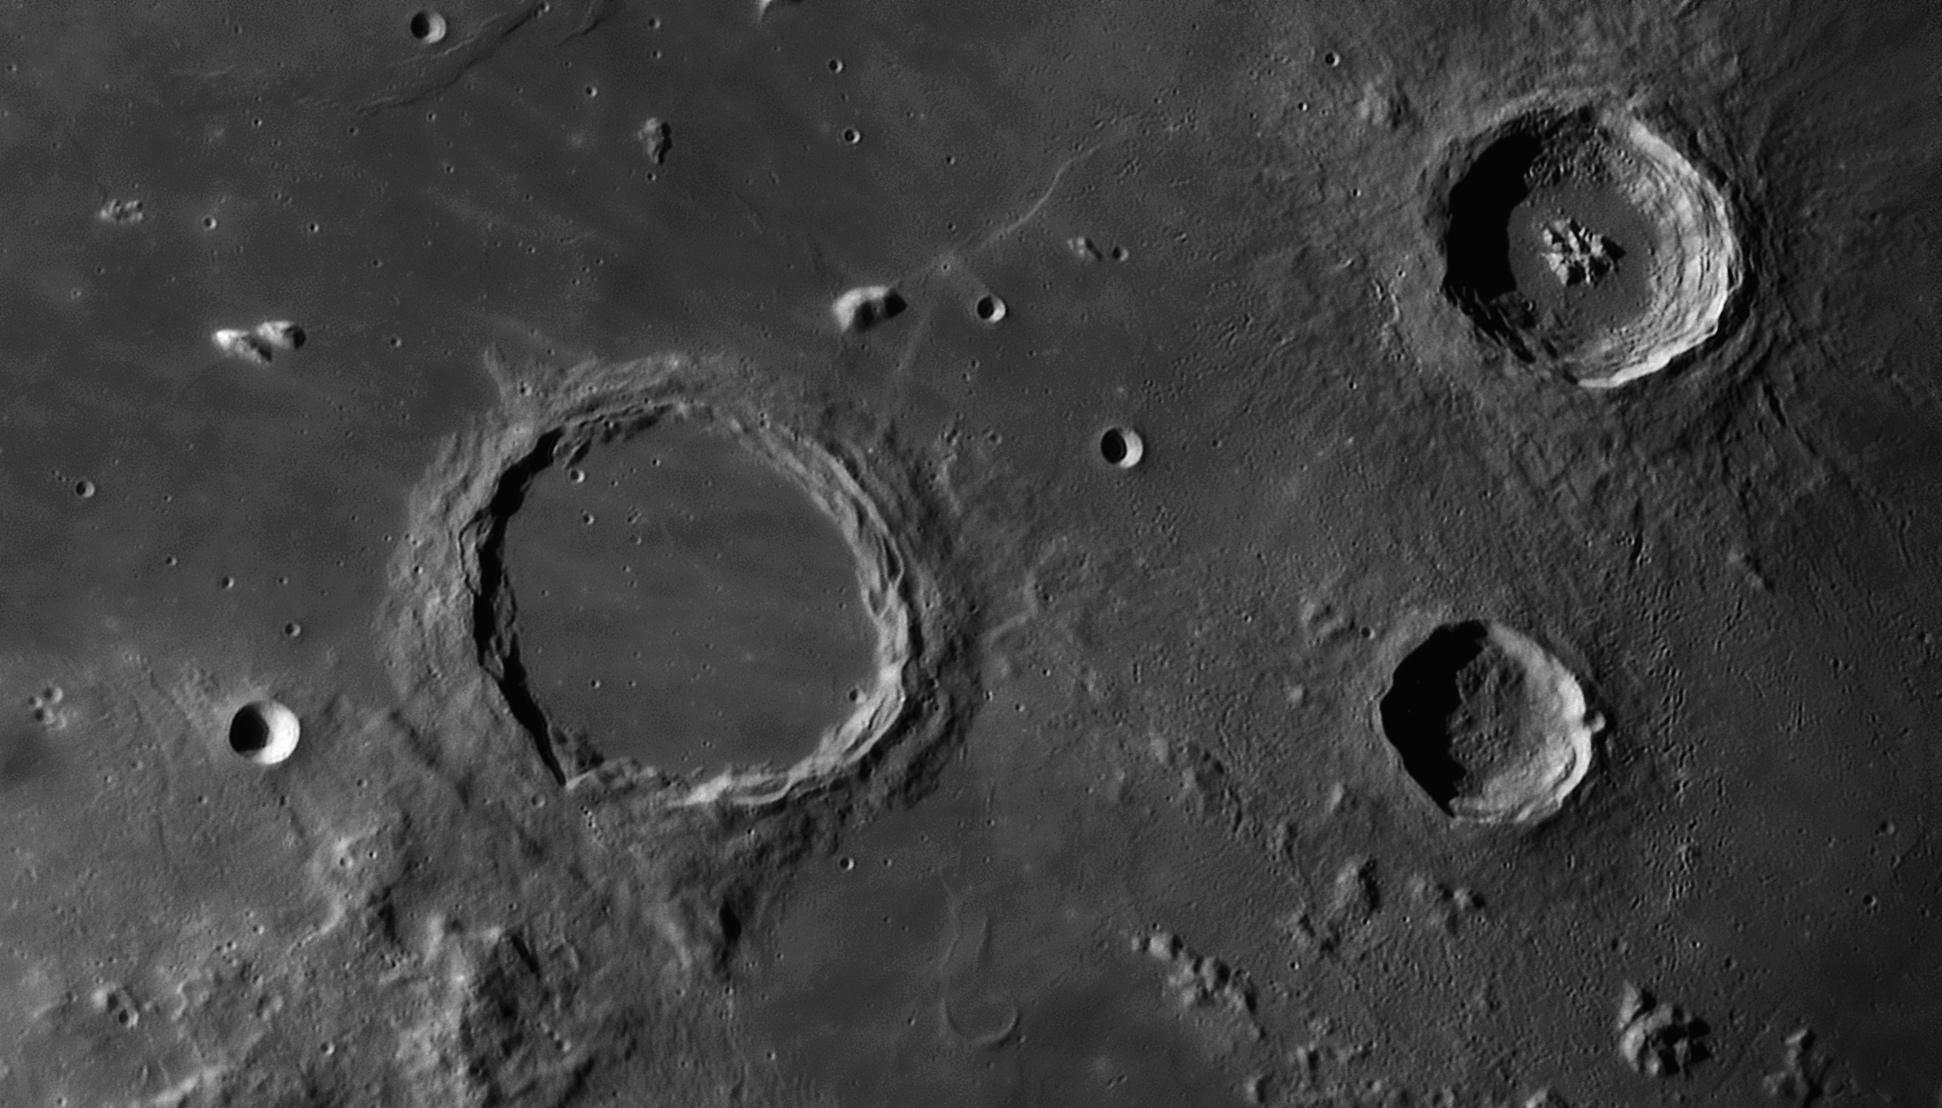 large.moon_23_07_2019_03_55_39_ARCHIMEDE.jpg.aecd246d2852ccb3929906b492ed24e5.jpg